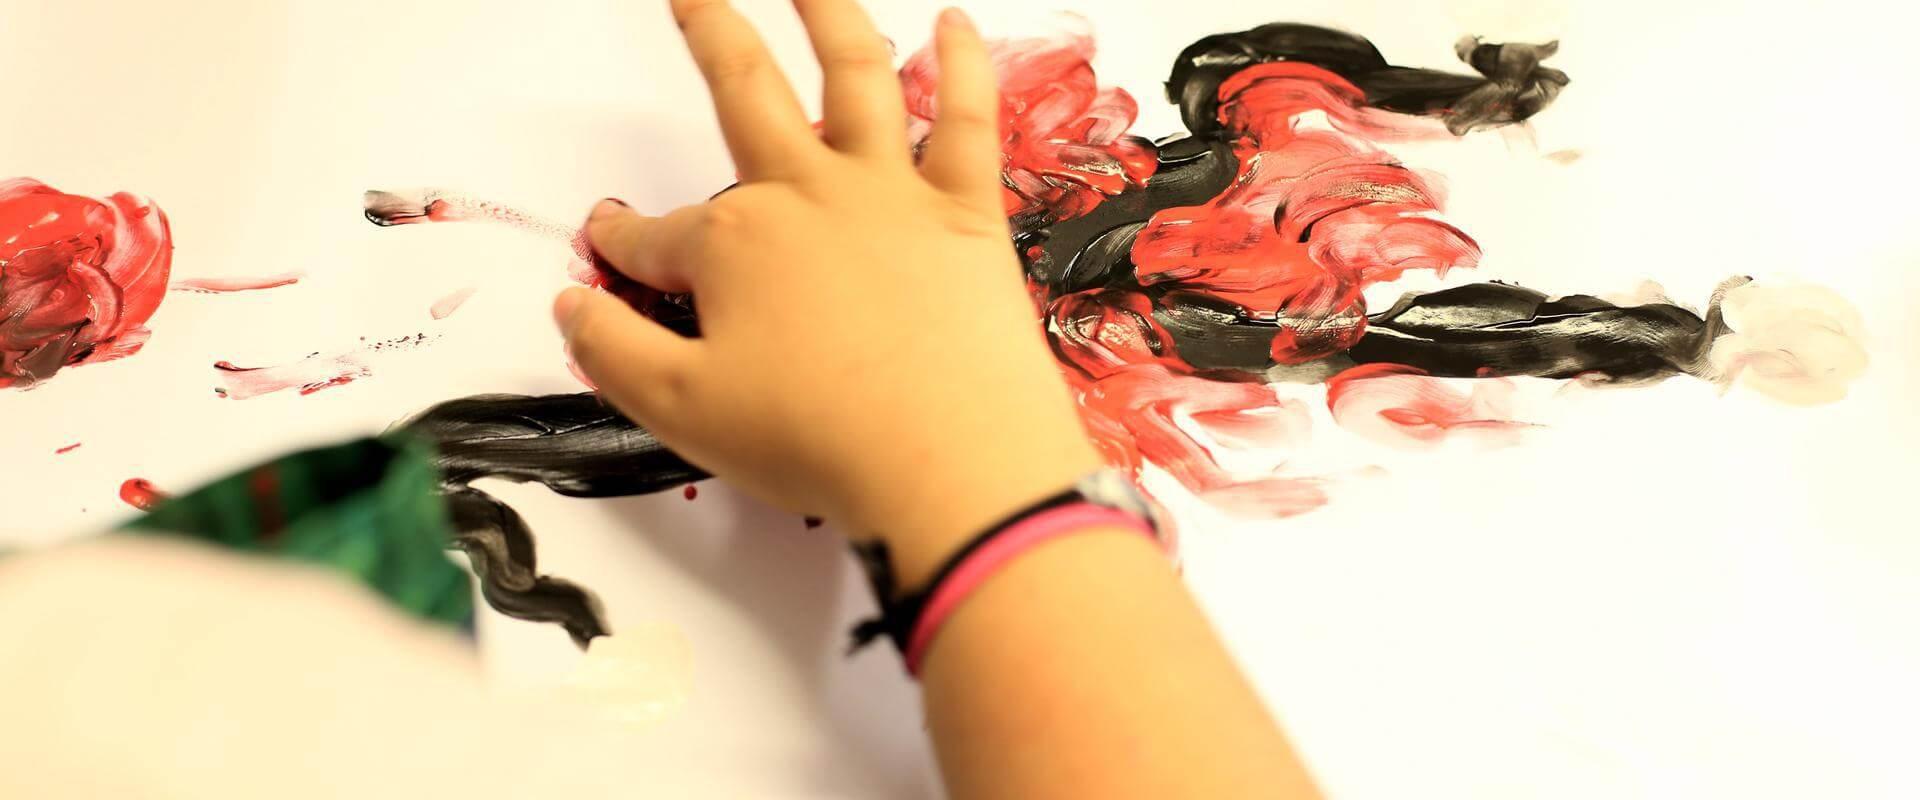 Patientin beim malen in der MEDIAN Kinder- und Jugendklinik Beeltiz